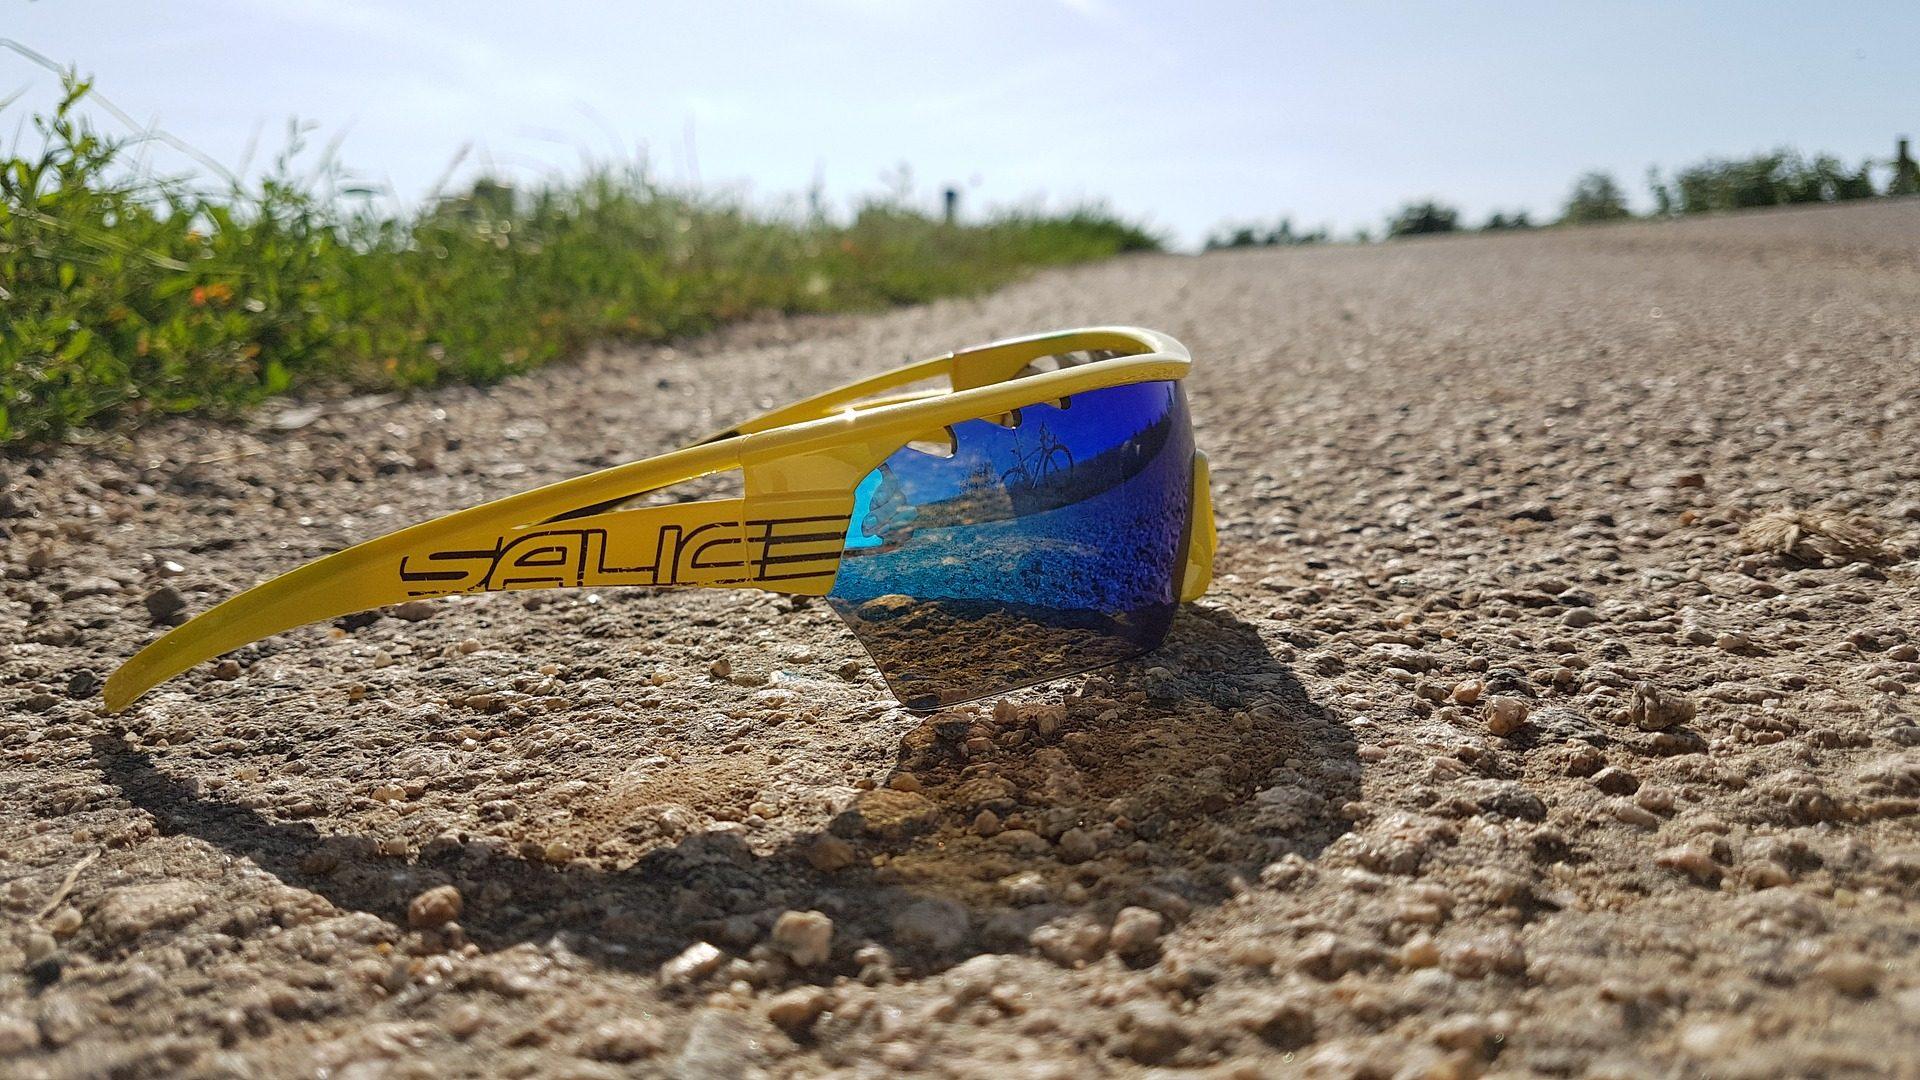 نظارات, الأسفلت, الطريق, ركوب الدراجات الهوائية, انعكاس - خلفيات عالية الدقة - أستاذ falken.com